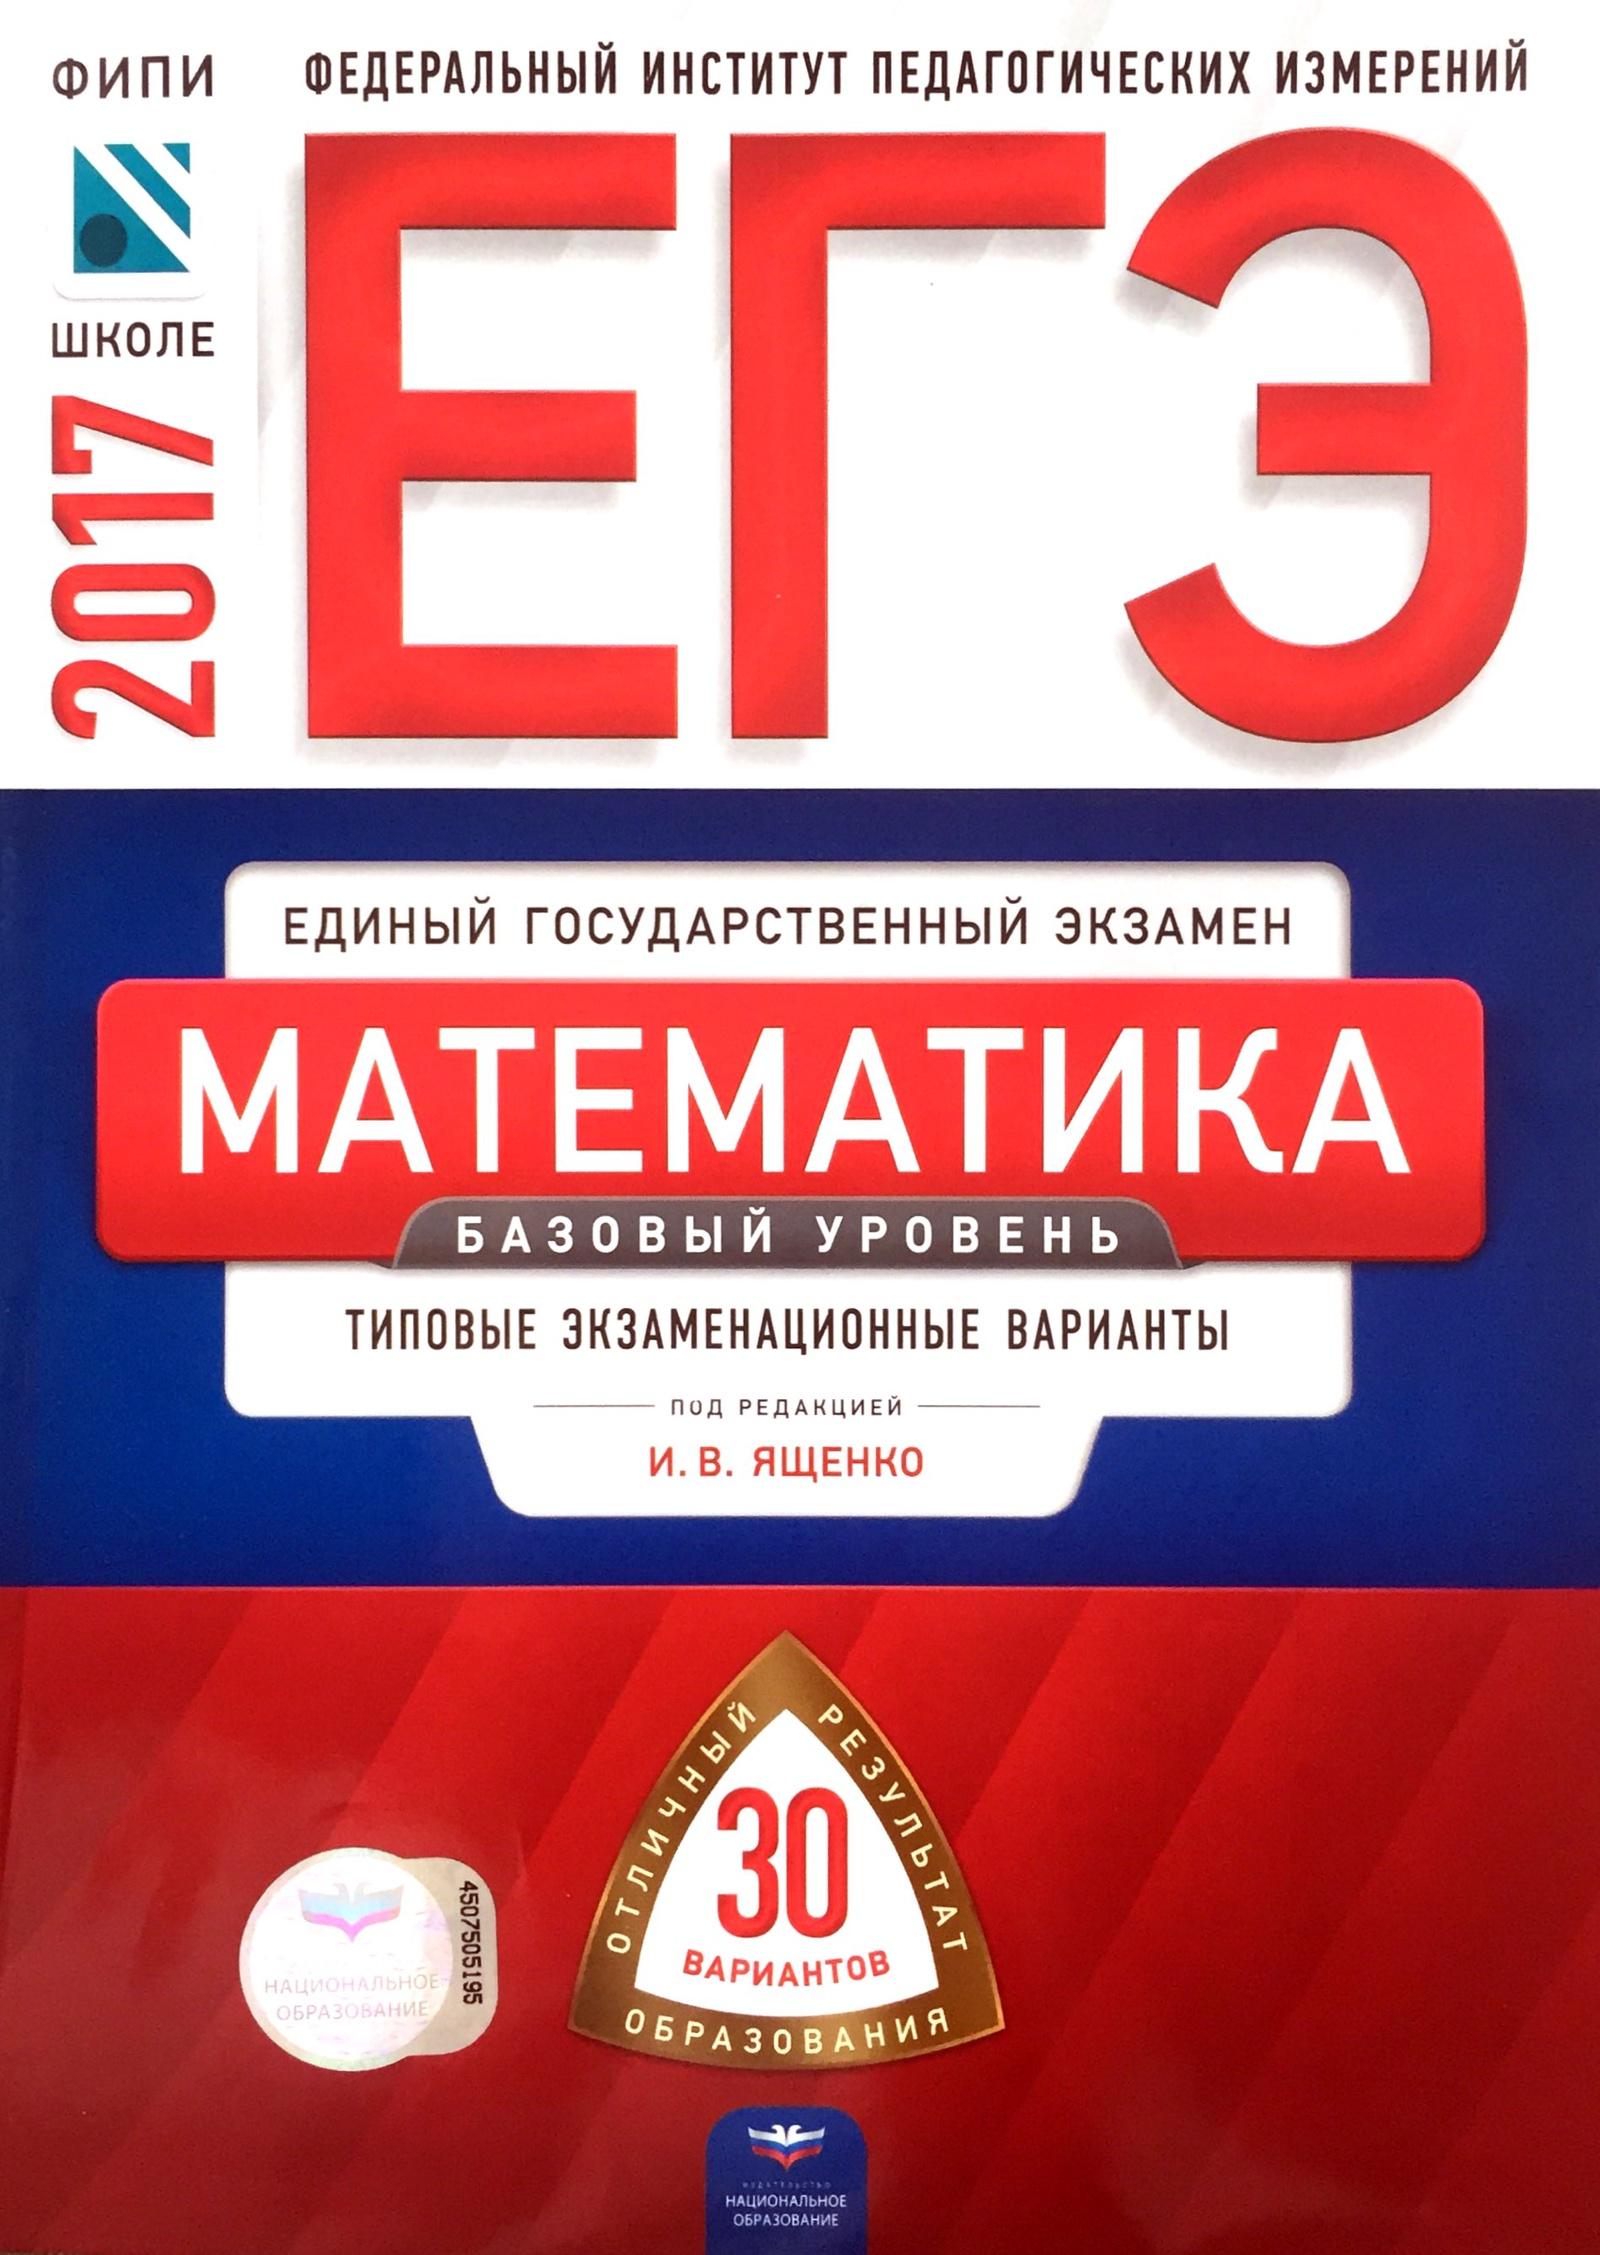 И. В. Ященко ЕГЭ 2017. Математика: базовый уровень: типовые экзаменационные варианты: 30 вариантов